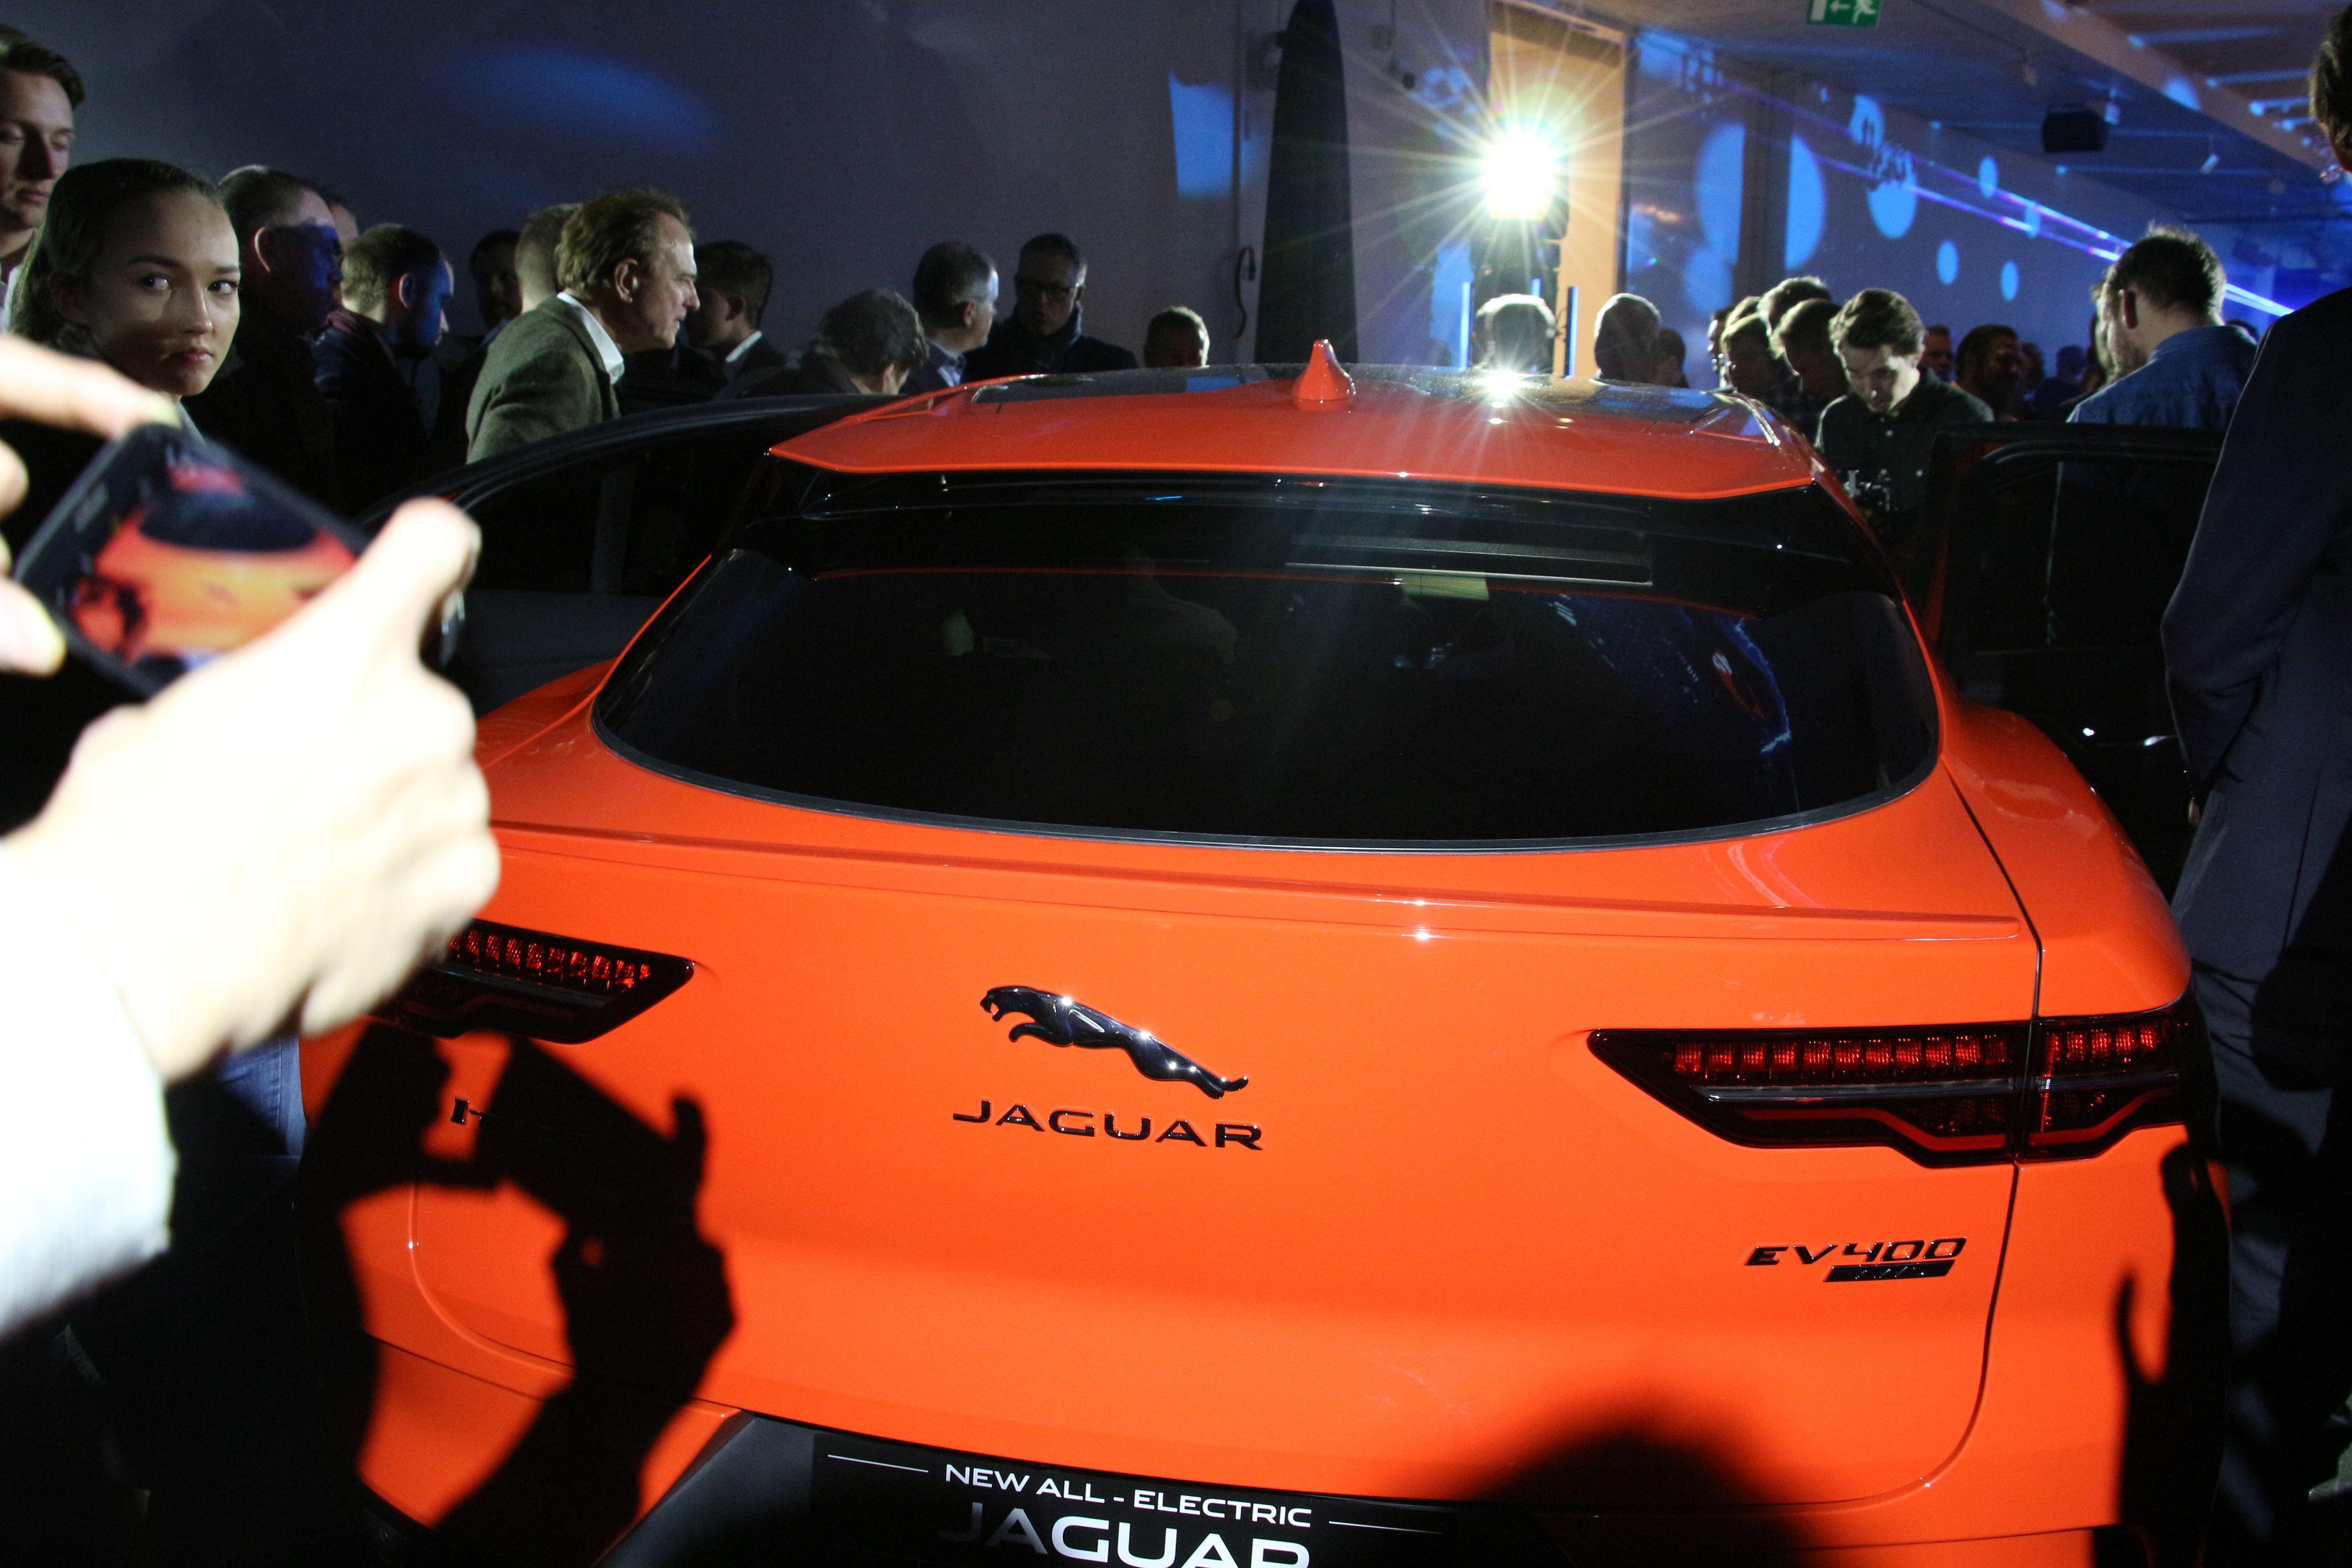 Noe av det mer spesielle med Jaguar I-Pace er at den ikke har vindusviskere bak. Aerodynamikken skal være slik at luften ledes ned over bakruta og gjør vindusviskernes jobb (selv om vi kanskje vil se dette på sørpete norske vinterveier før vi tror det).